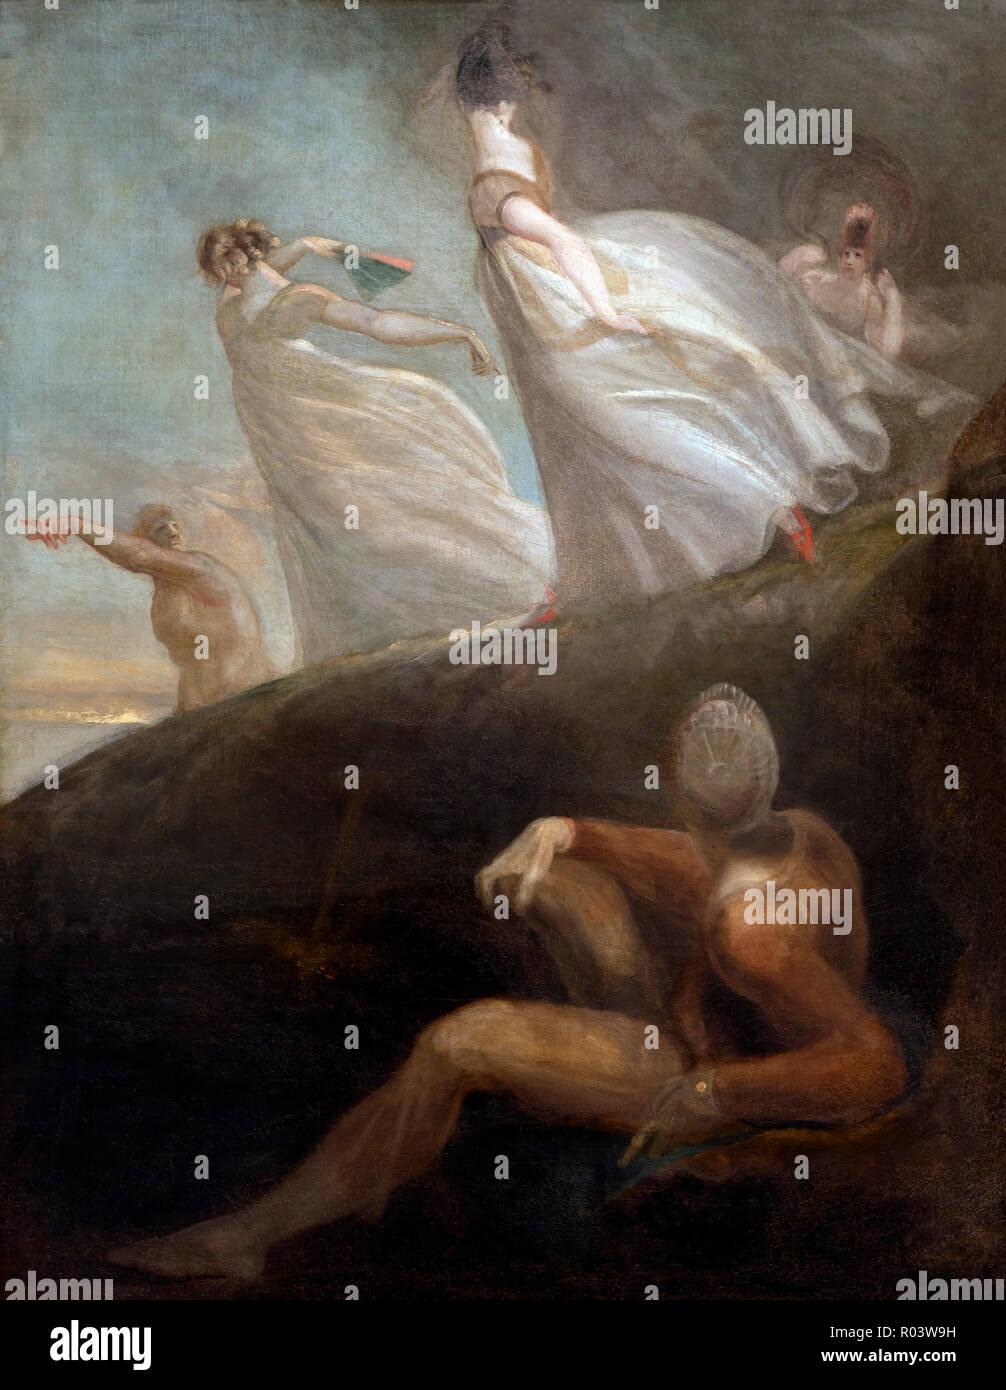 Die Damen von Hastings, Henry Fuseli, 1798-1800, Zürich, Kunsthaus, Zürich, Schweiz, Europa Stockbild